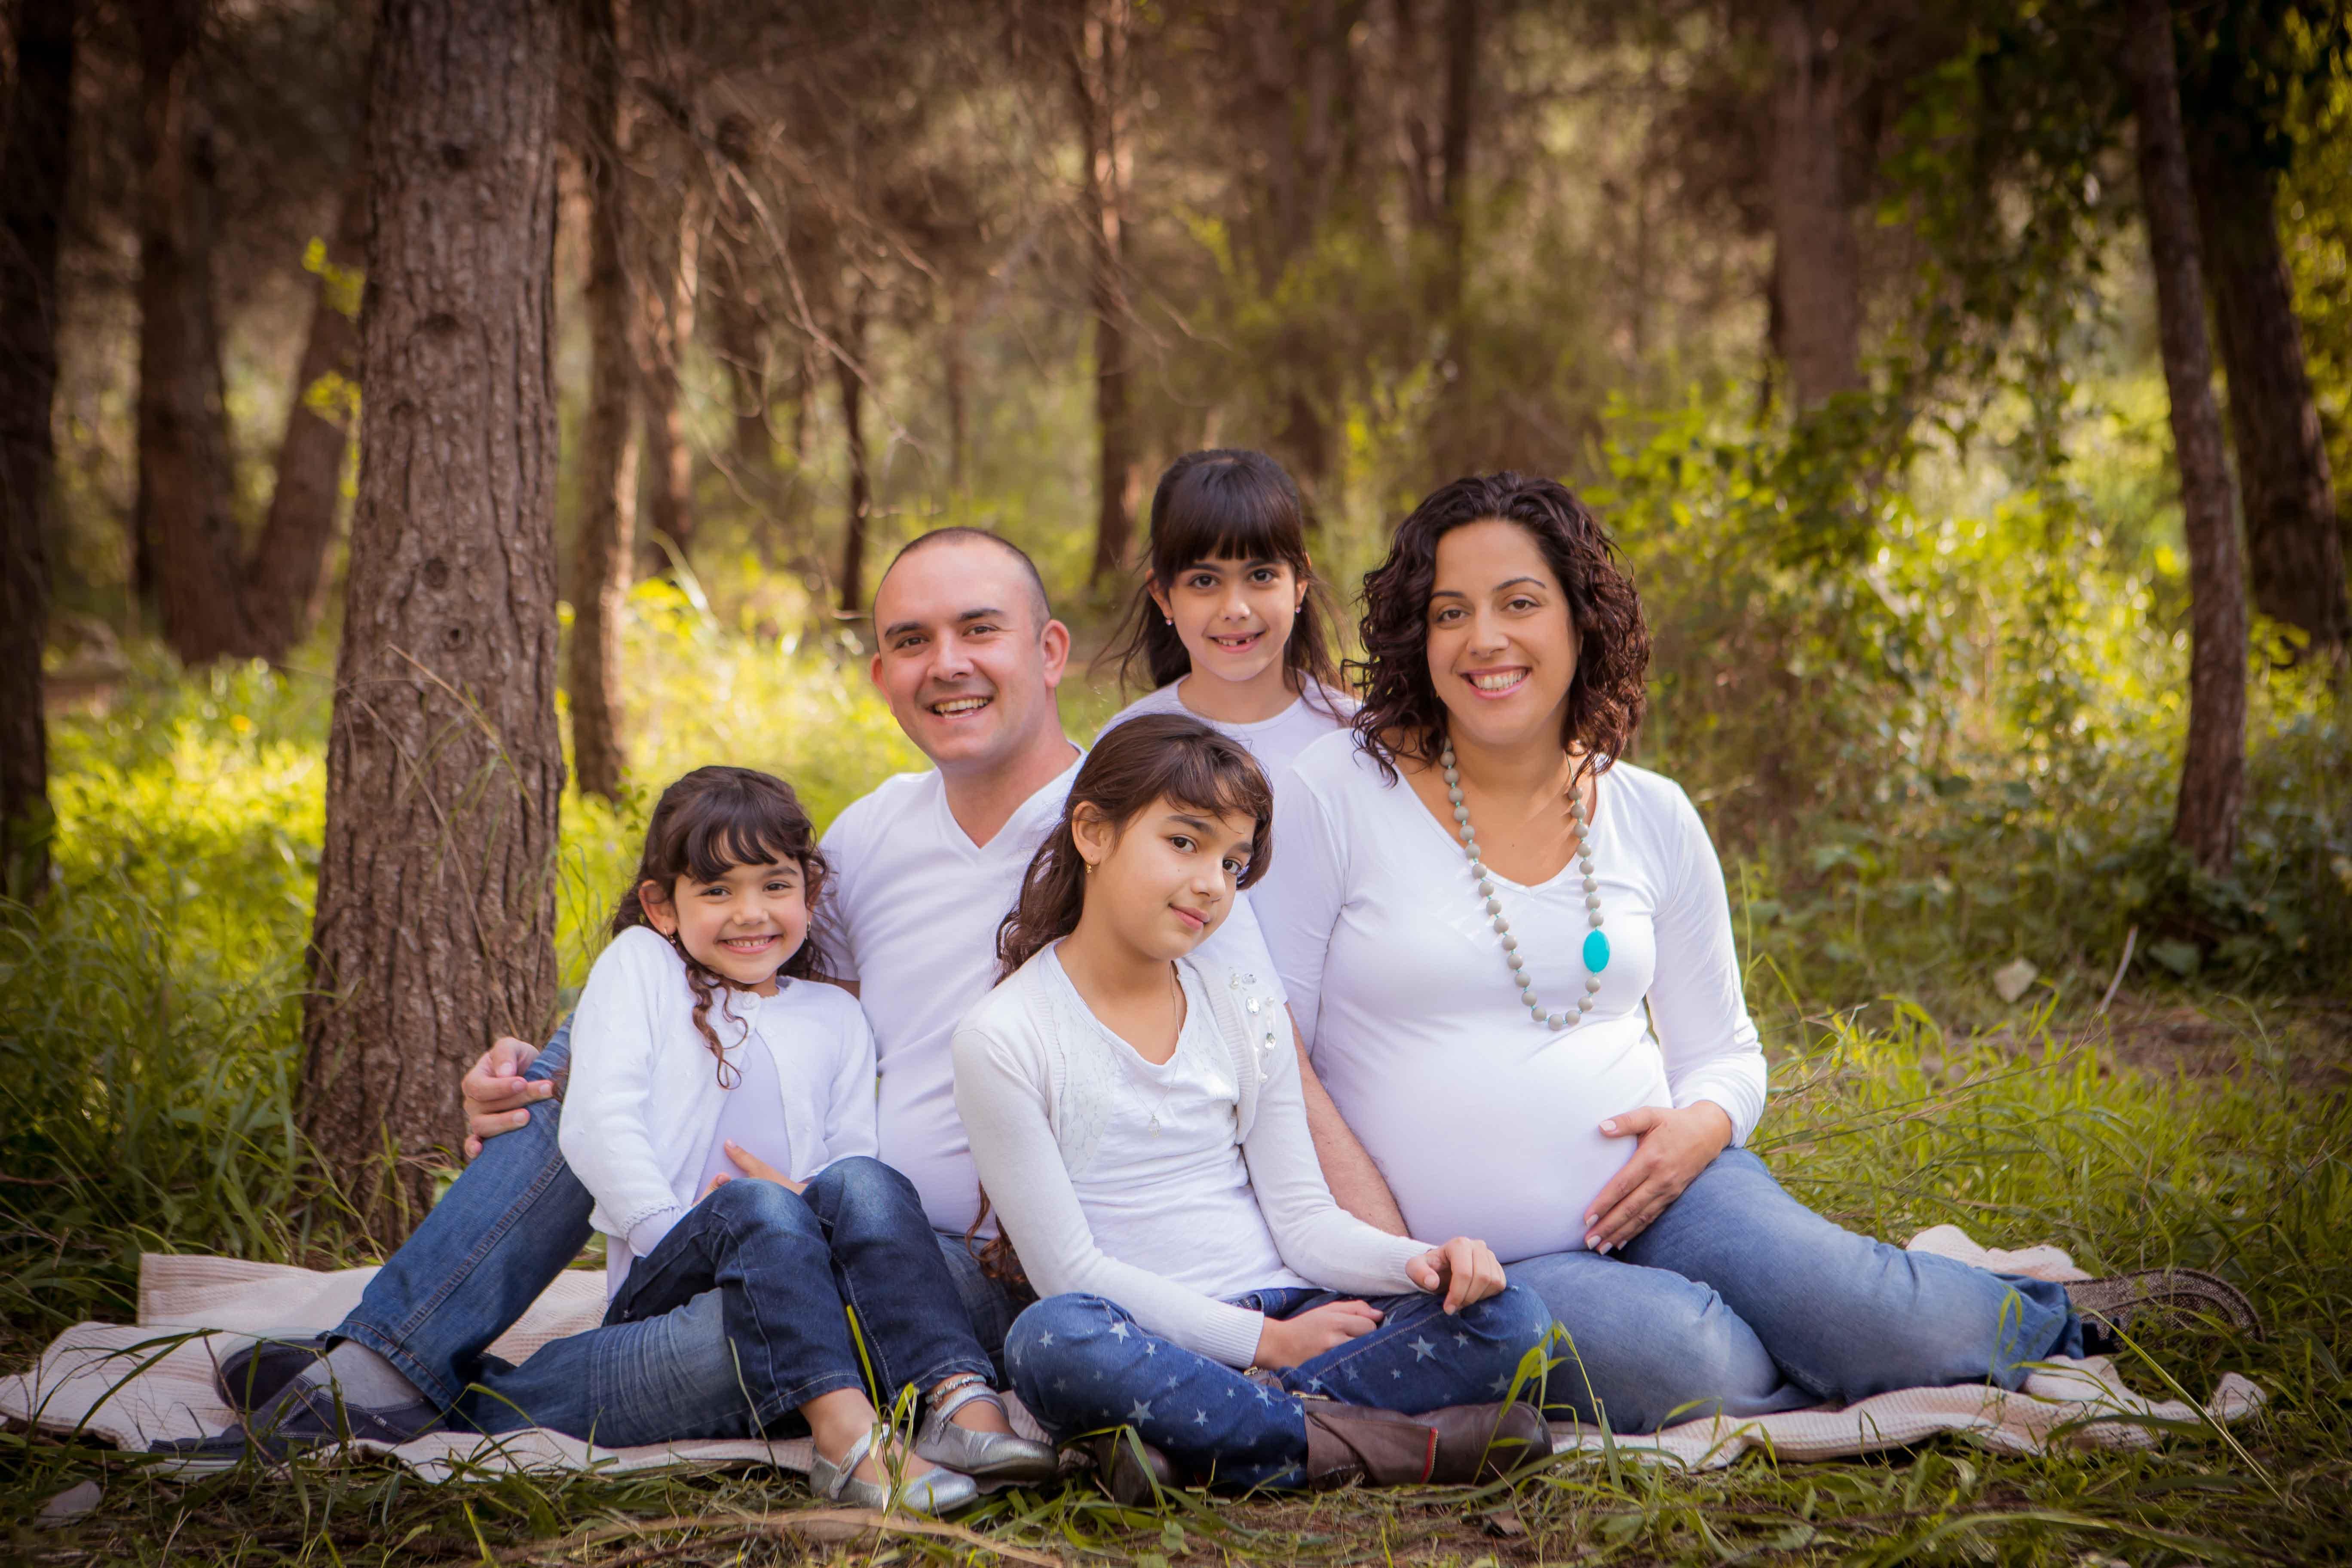 צילומי הריון ומשפחה ביחד, צילומי טבע - דנה אופיר